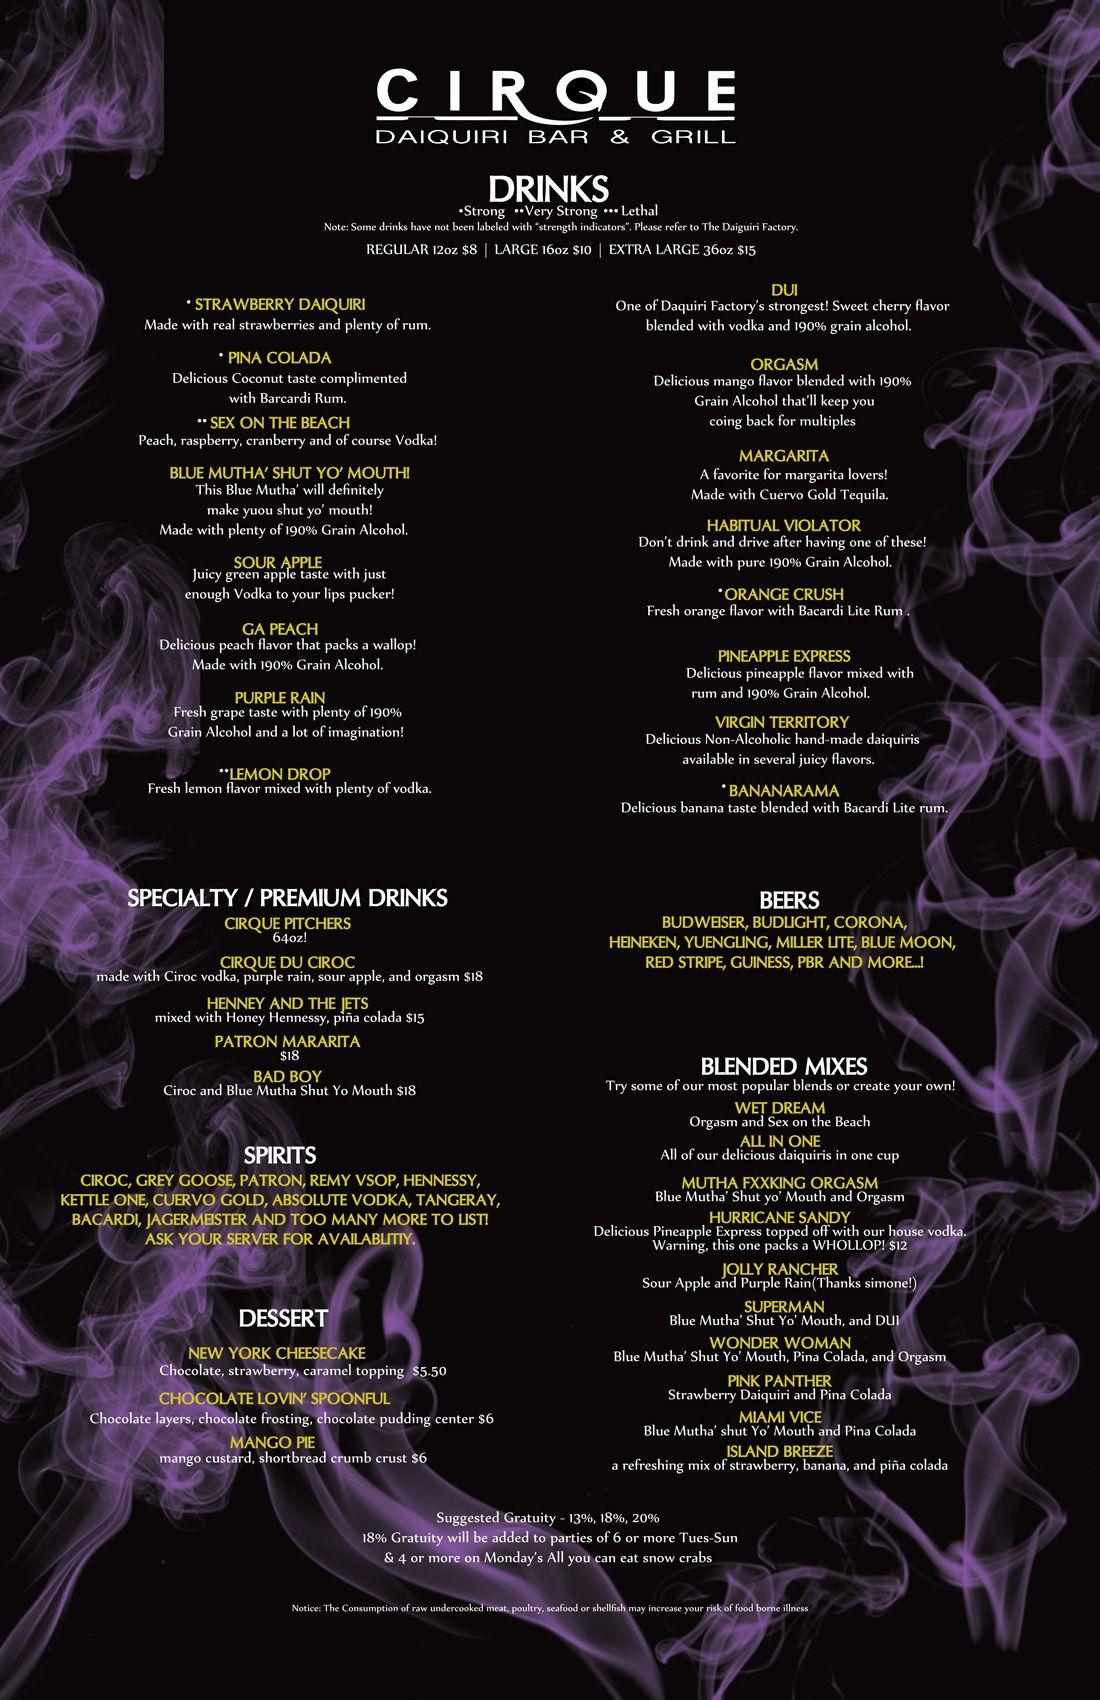 cirque-menu-2 | Lushious | Pinterest | Daiquiri bar, Drink menu ...